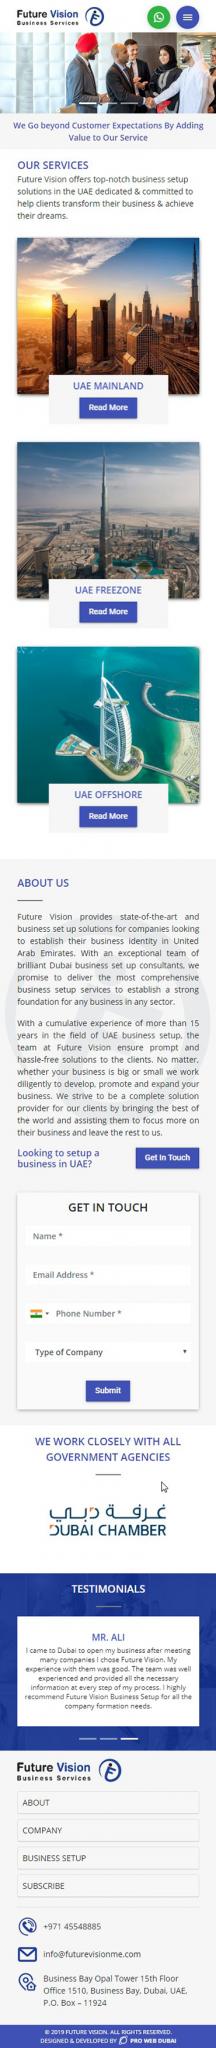 futurevisionme.com